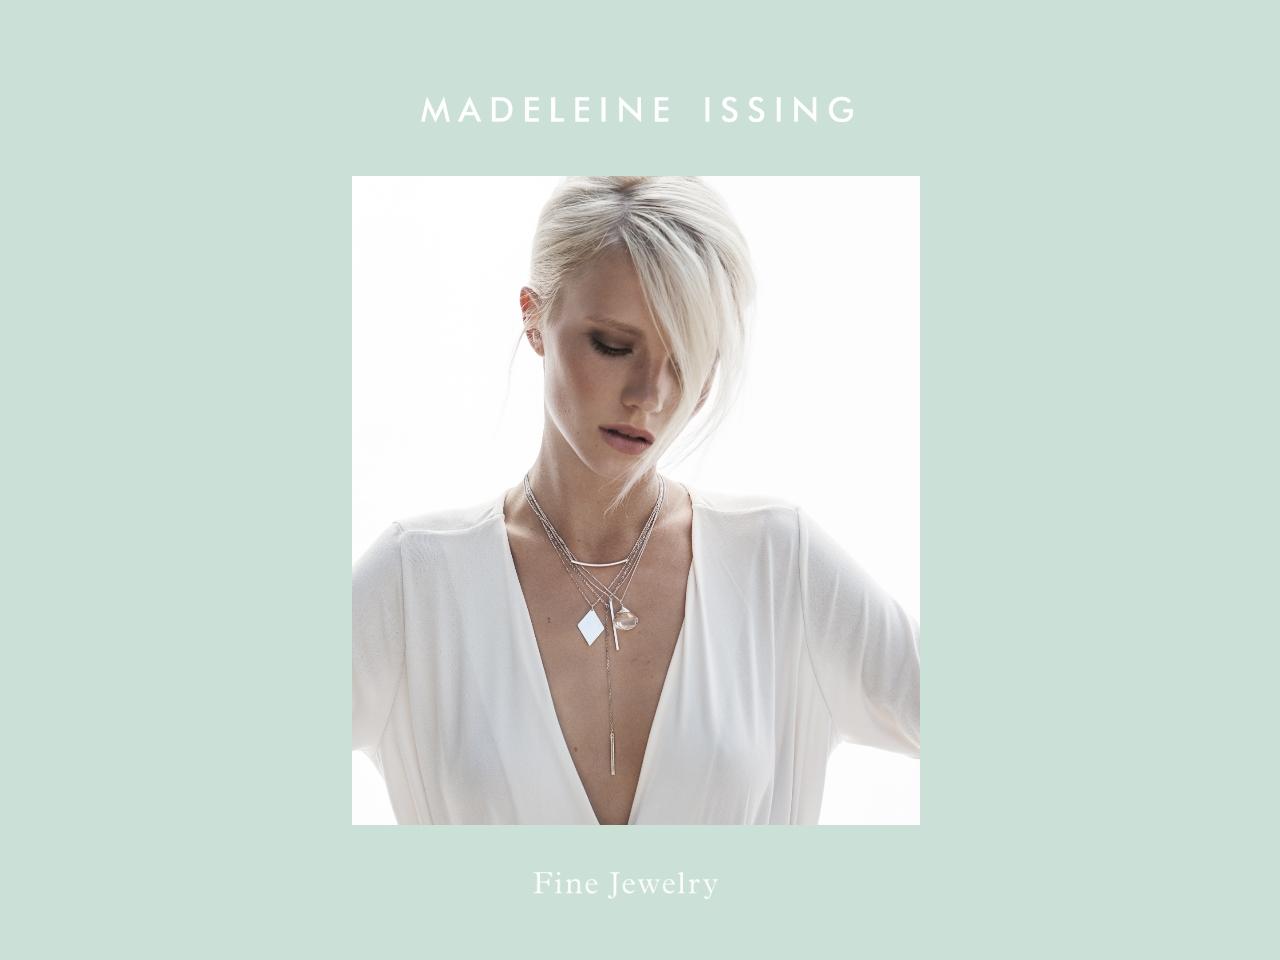 Filigrane Ketten unser Markenzeichen Madeleine Issing